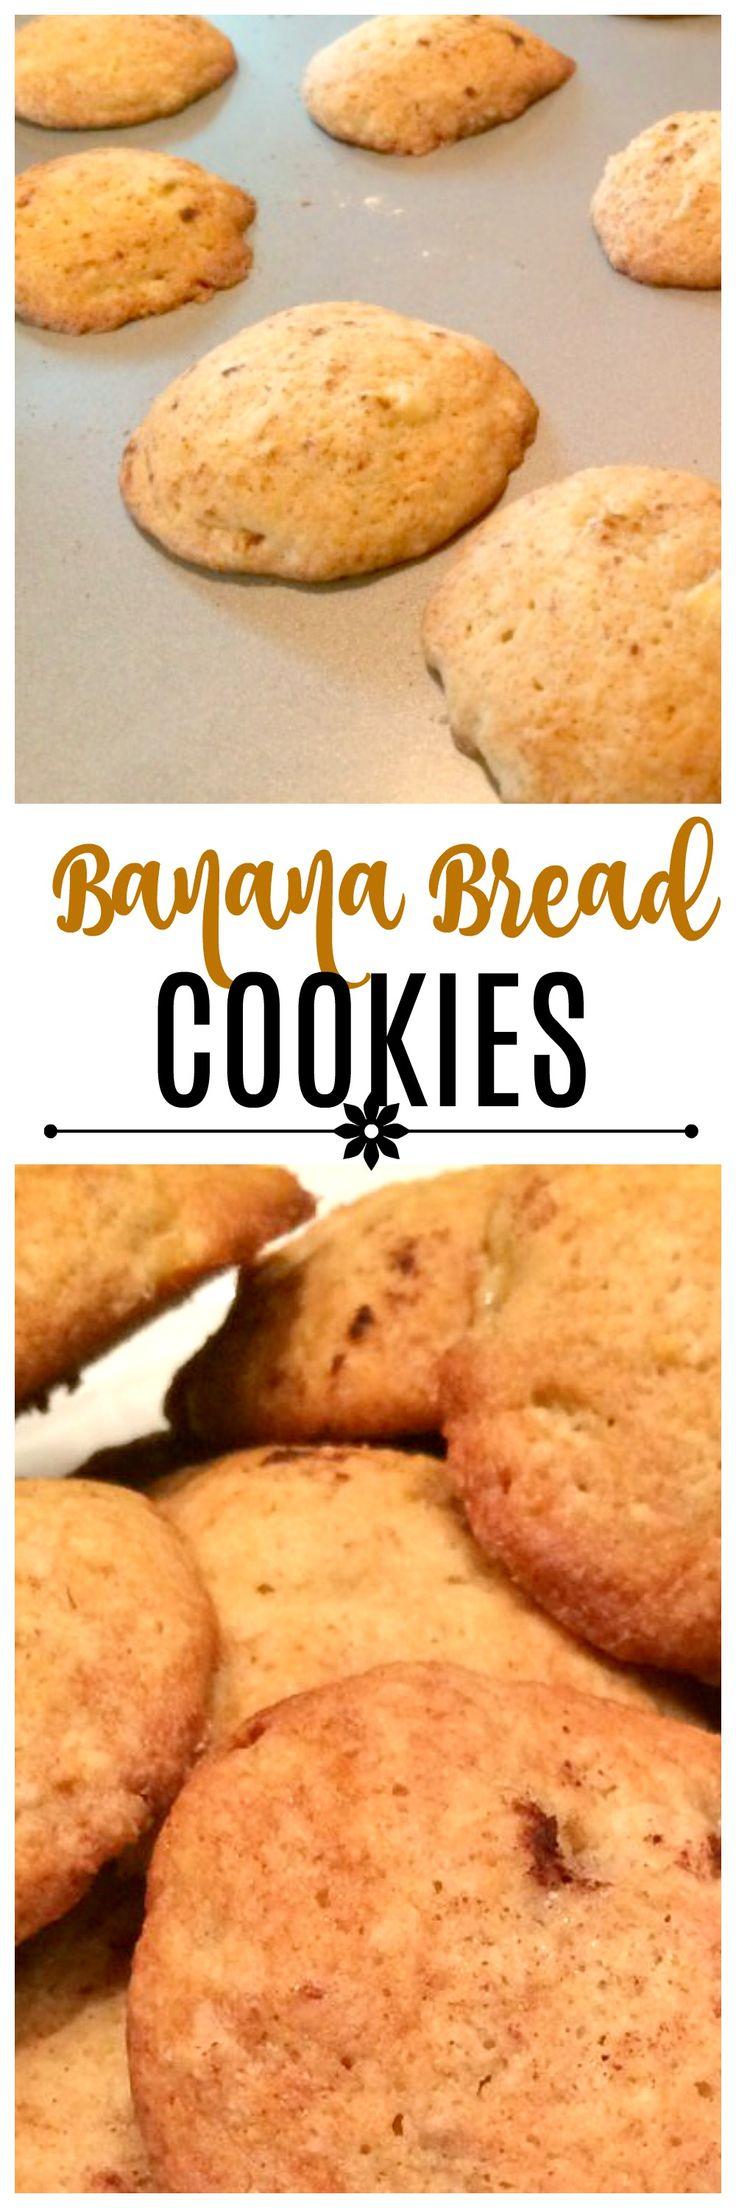 Banana Bread Cookies via @OCRaquel